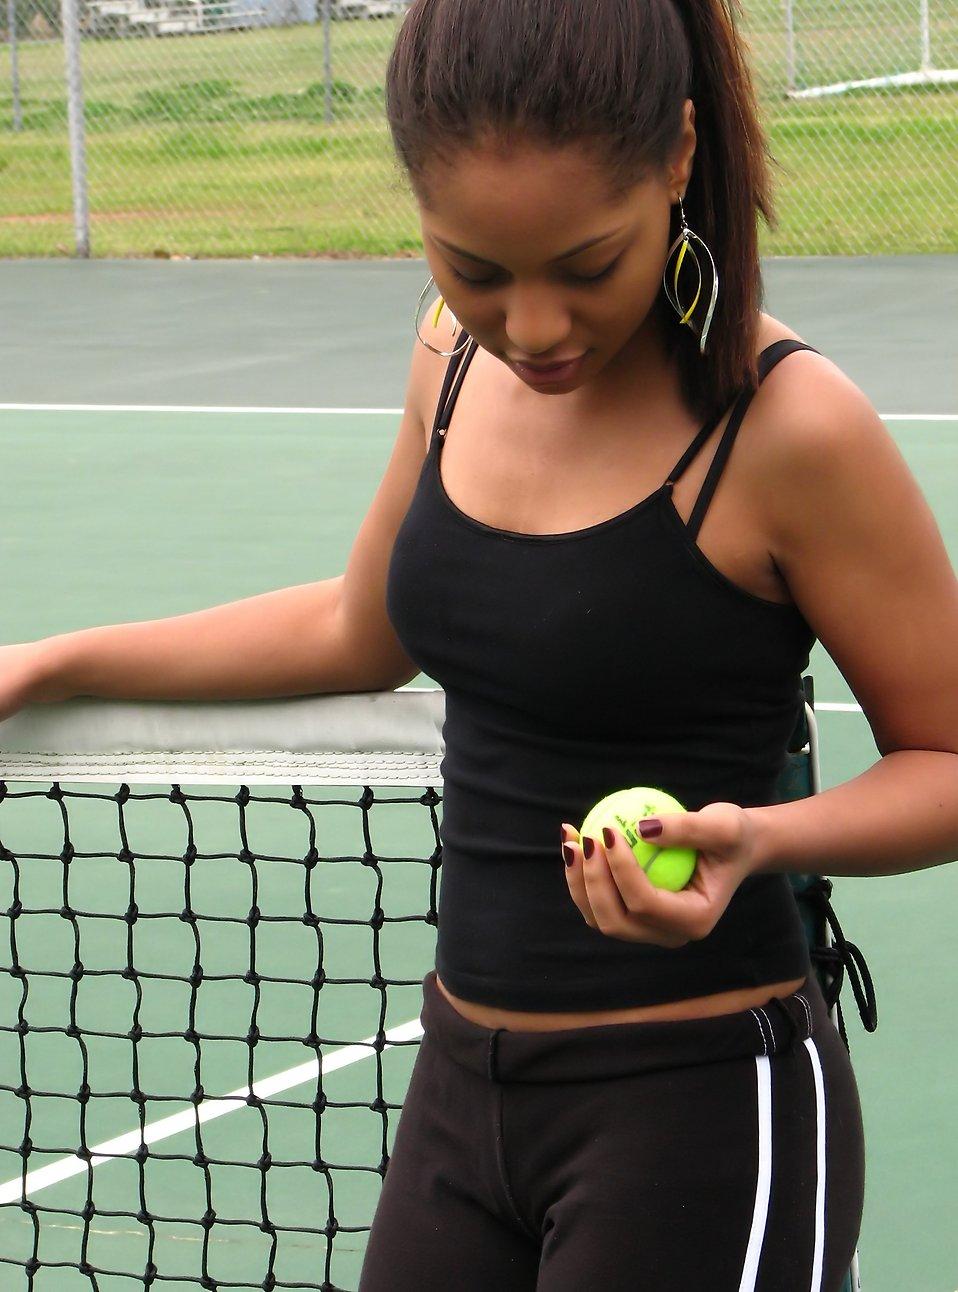 Consider, Tennis girl scratching bum consider